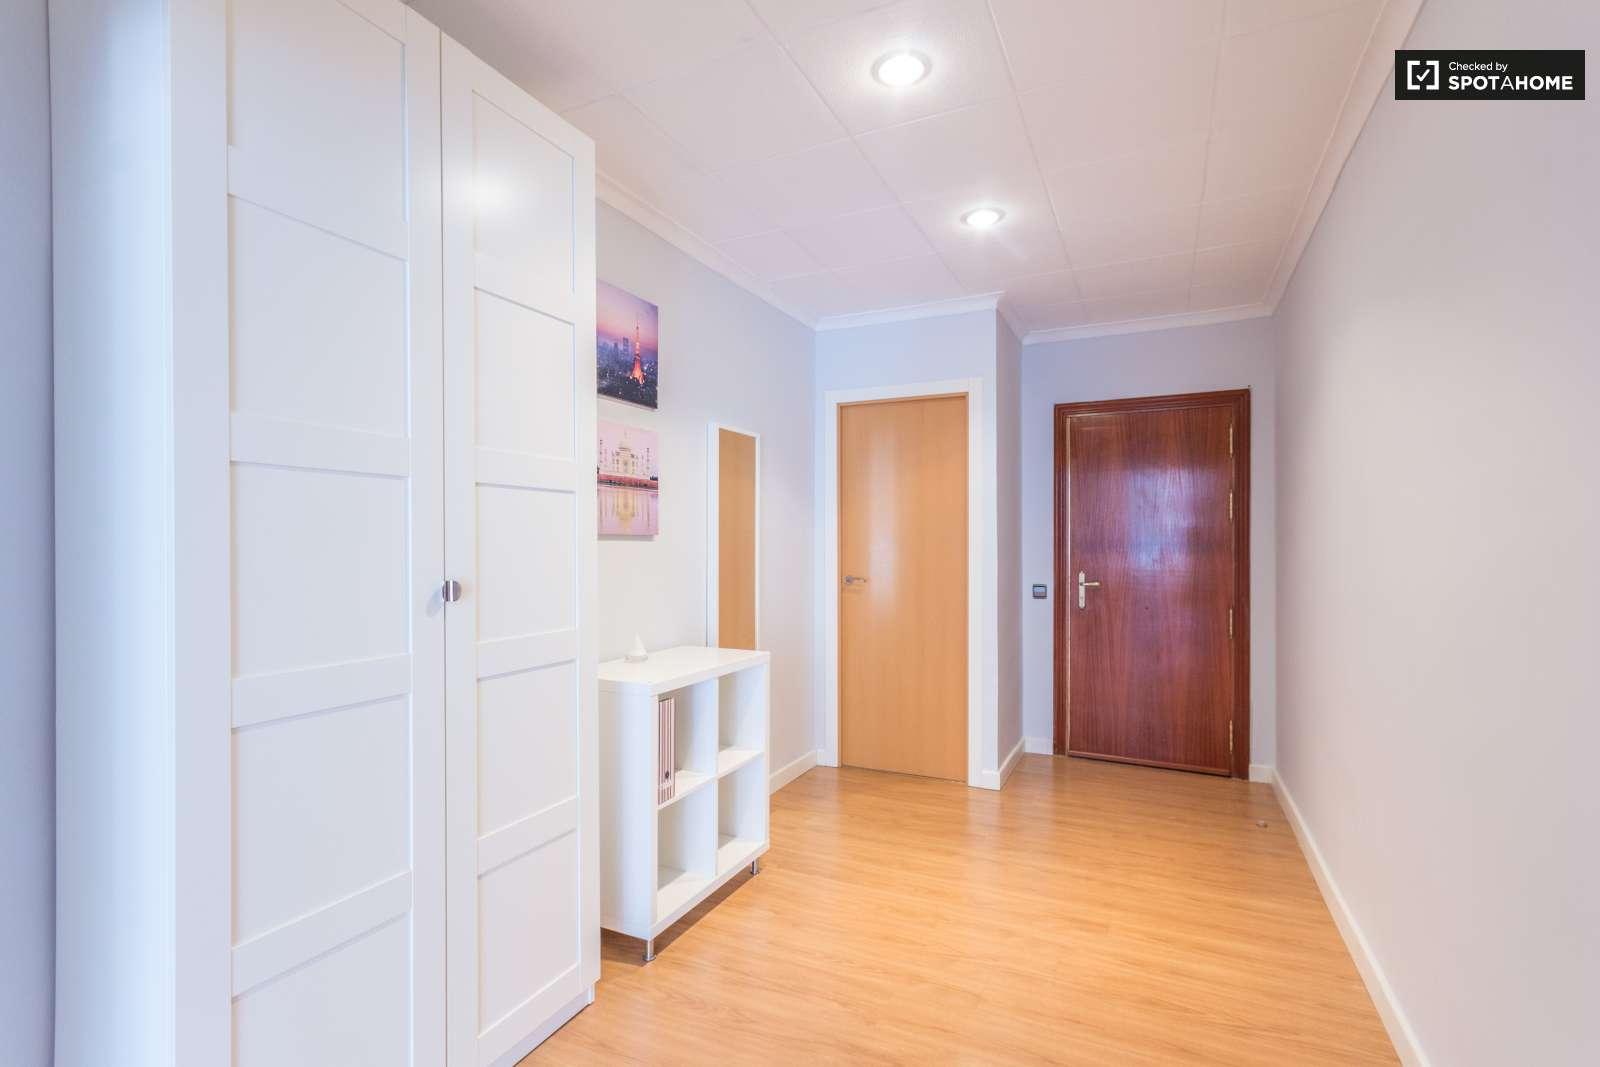 Habitaci n amueblada en piso compartido en cuatro caminos for Alquiler piso cuatro caminos